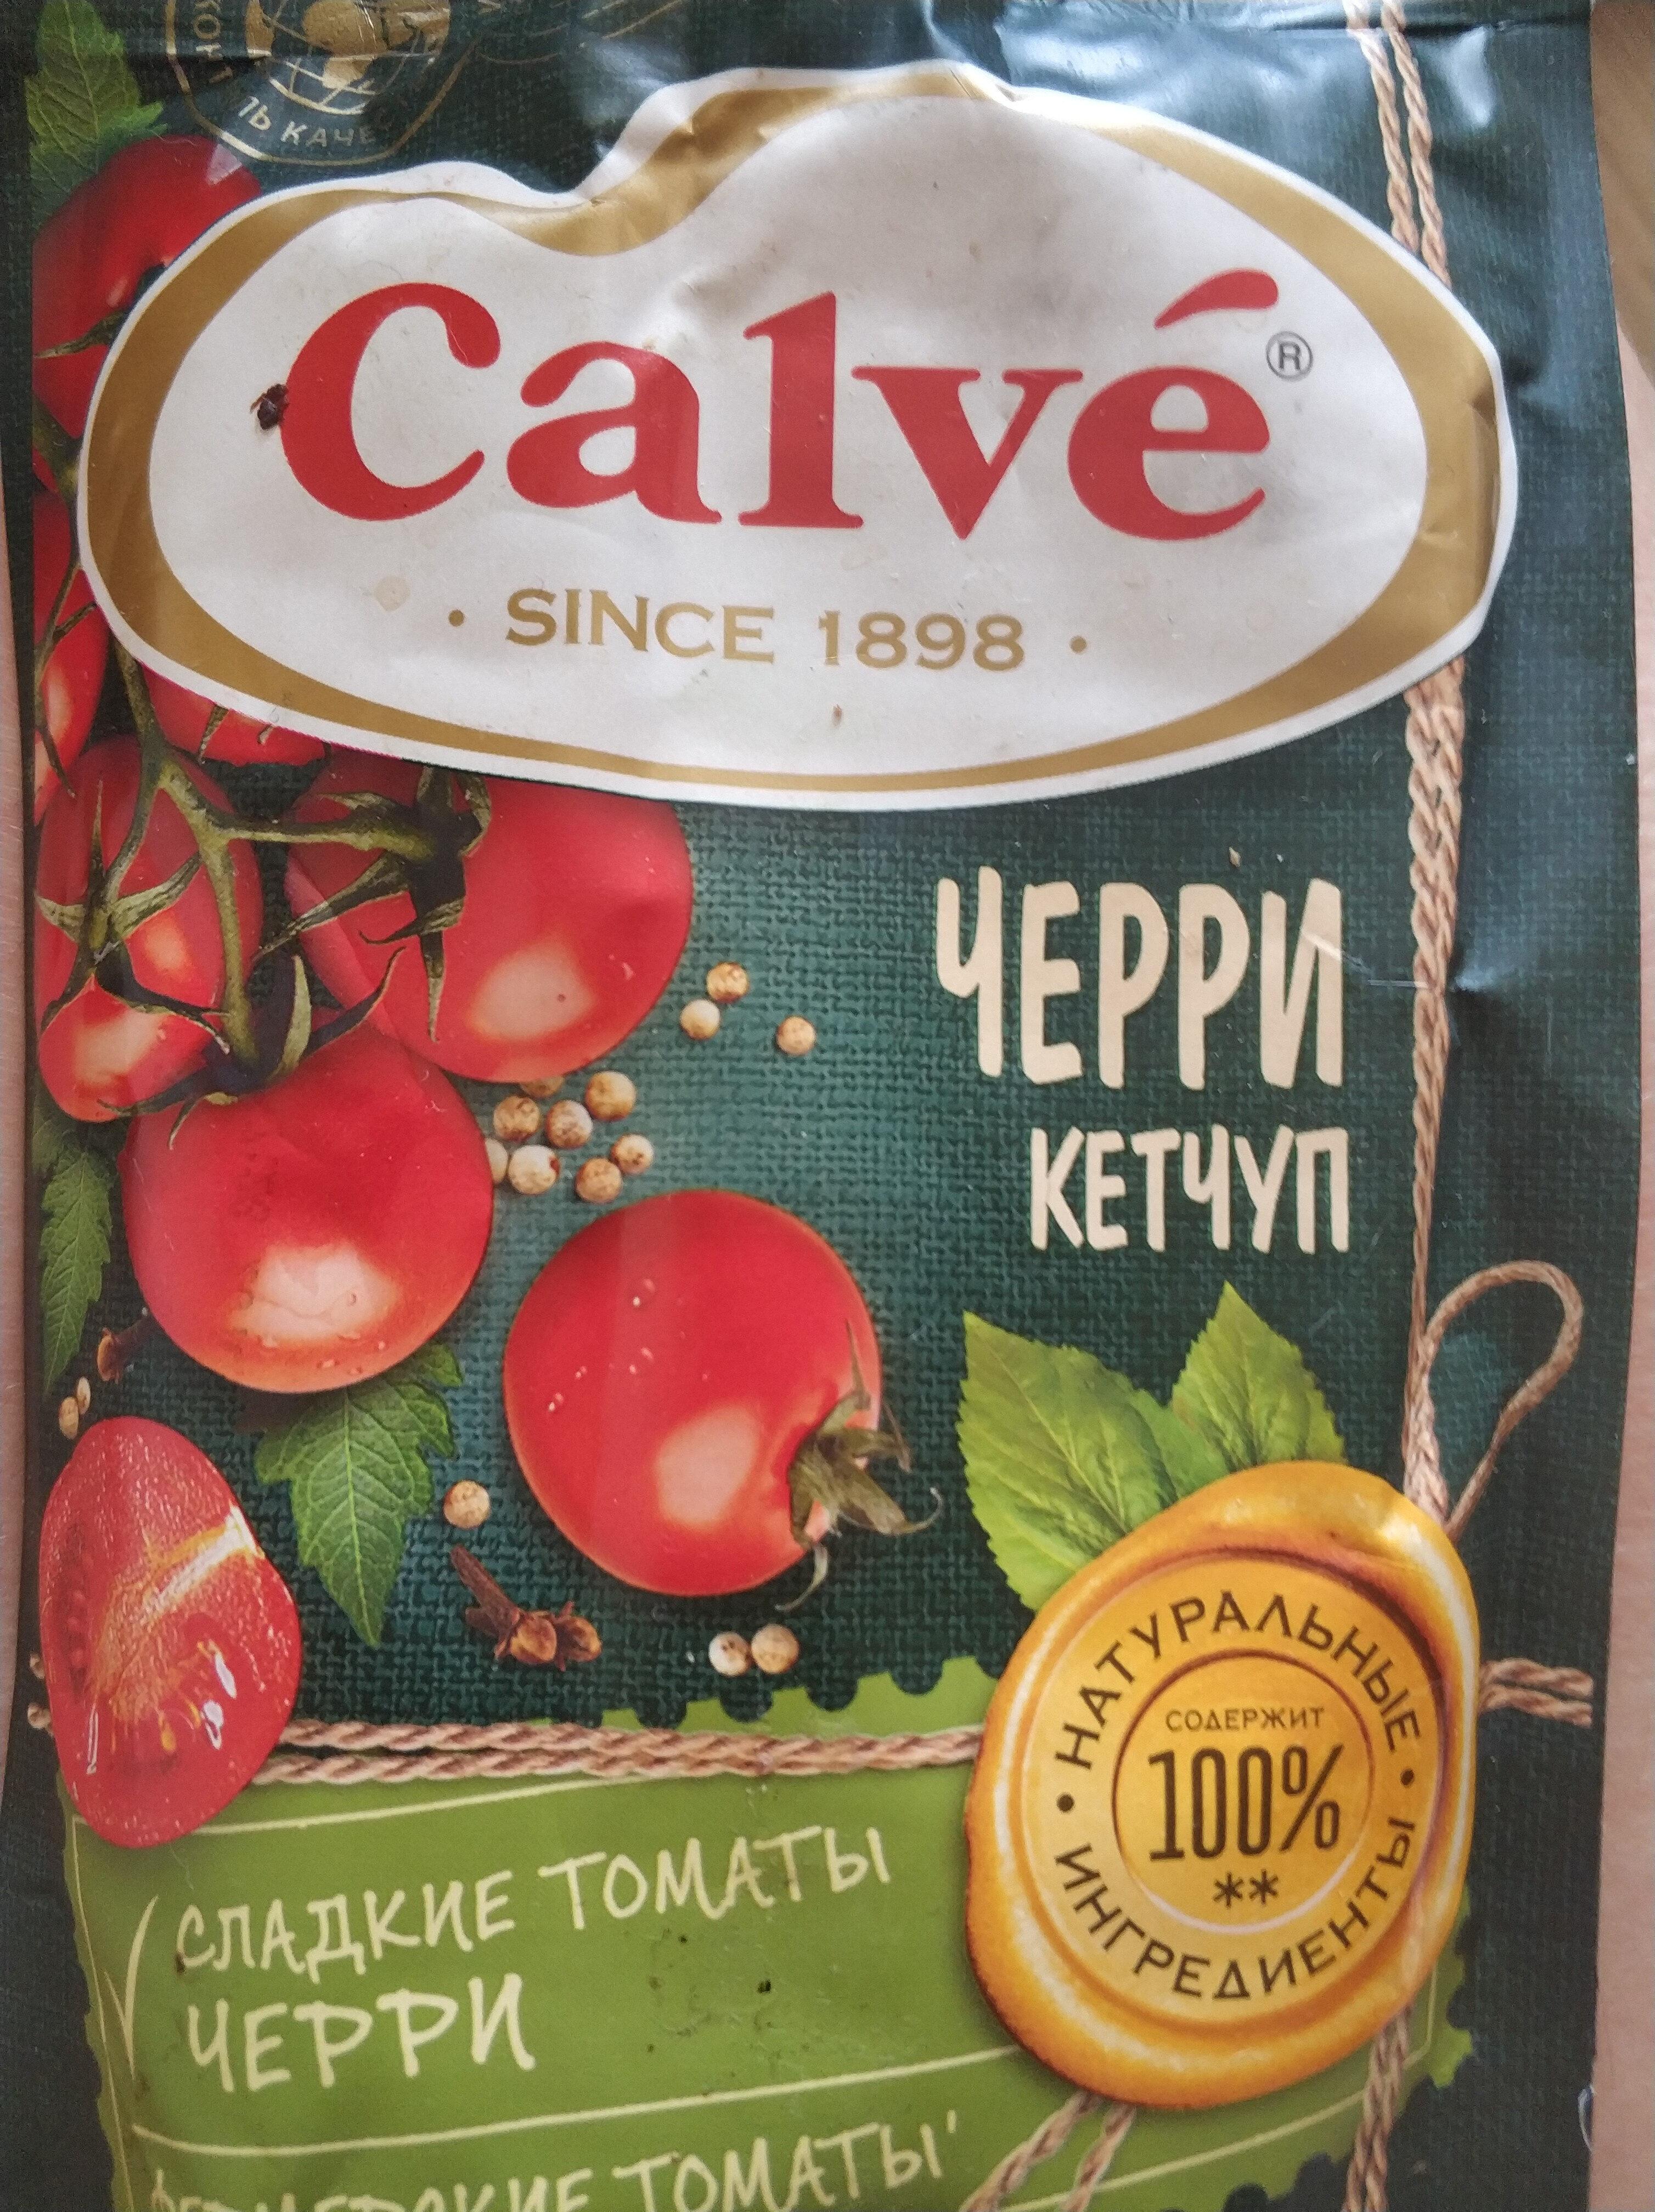 Кетчуп Черри - Product - ru